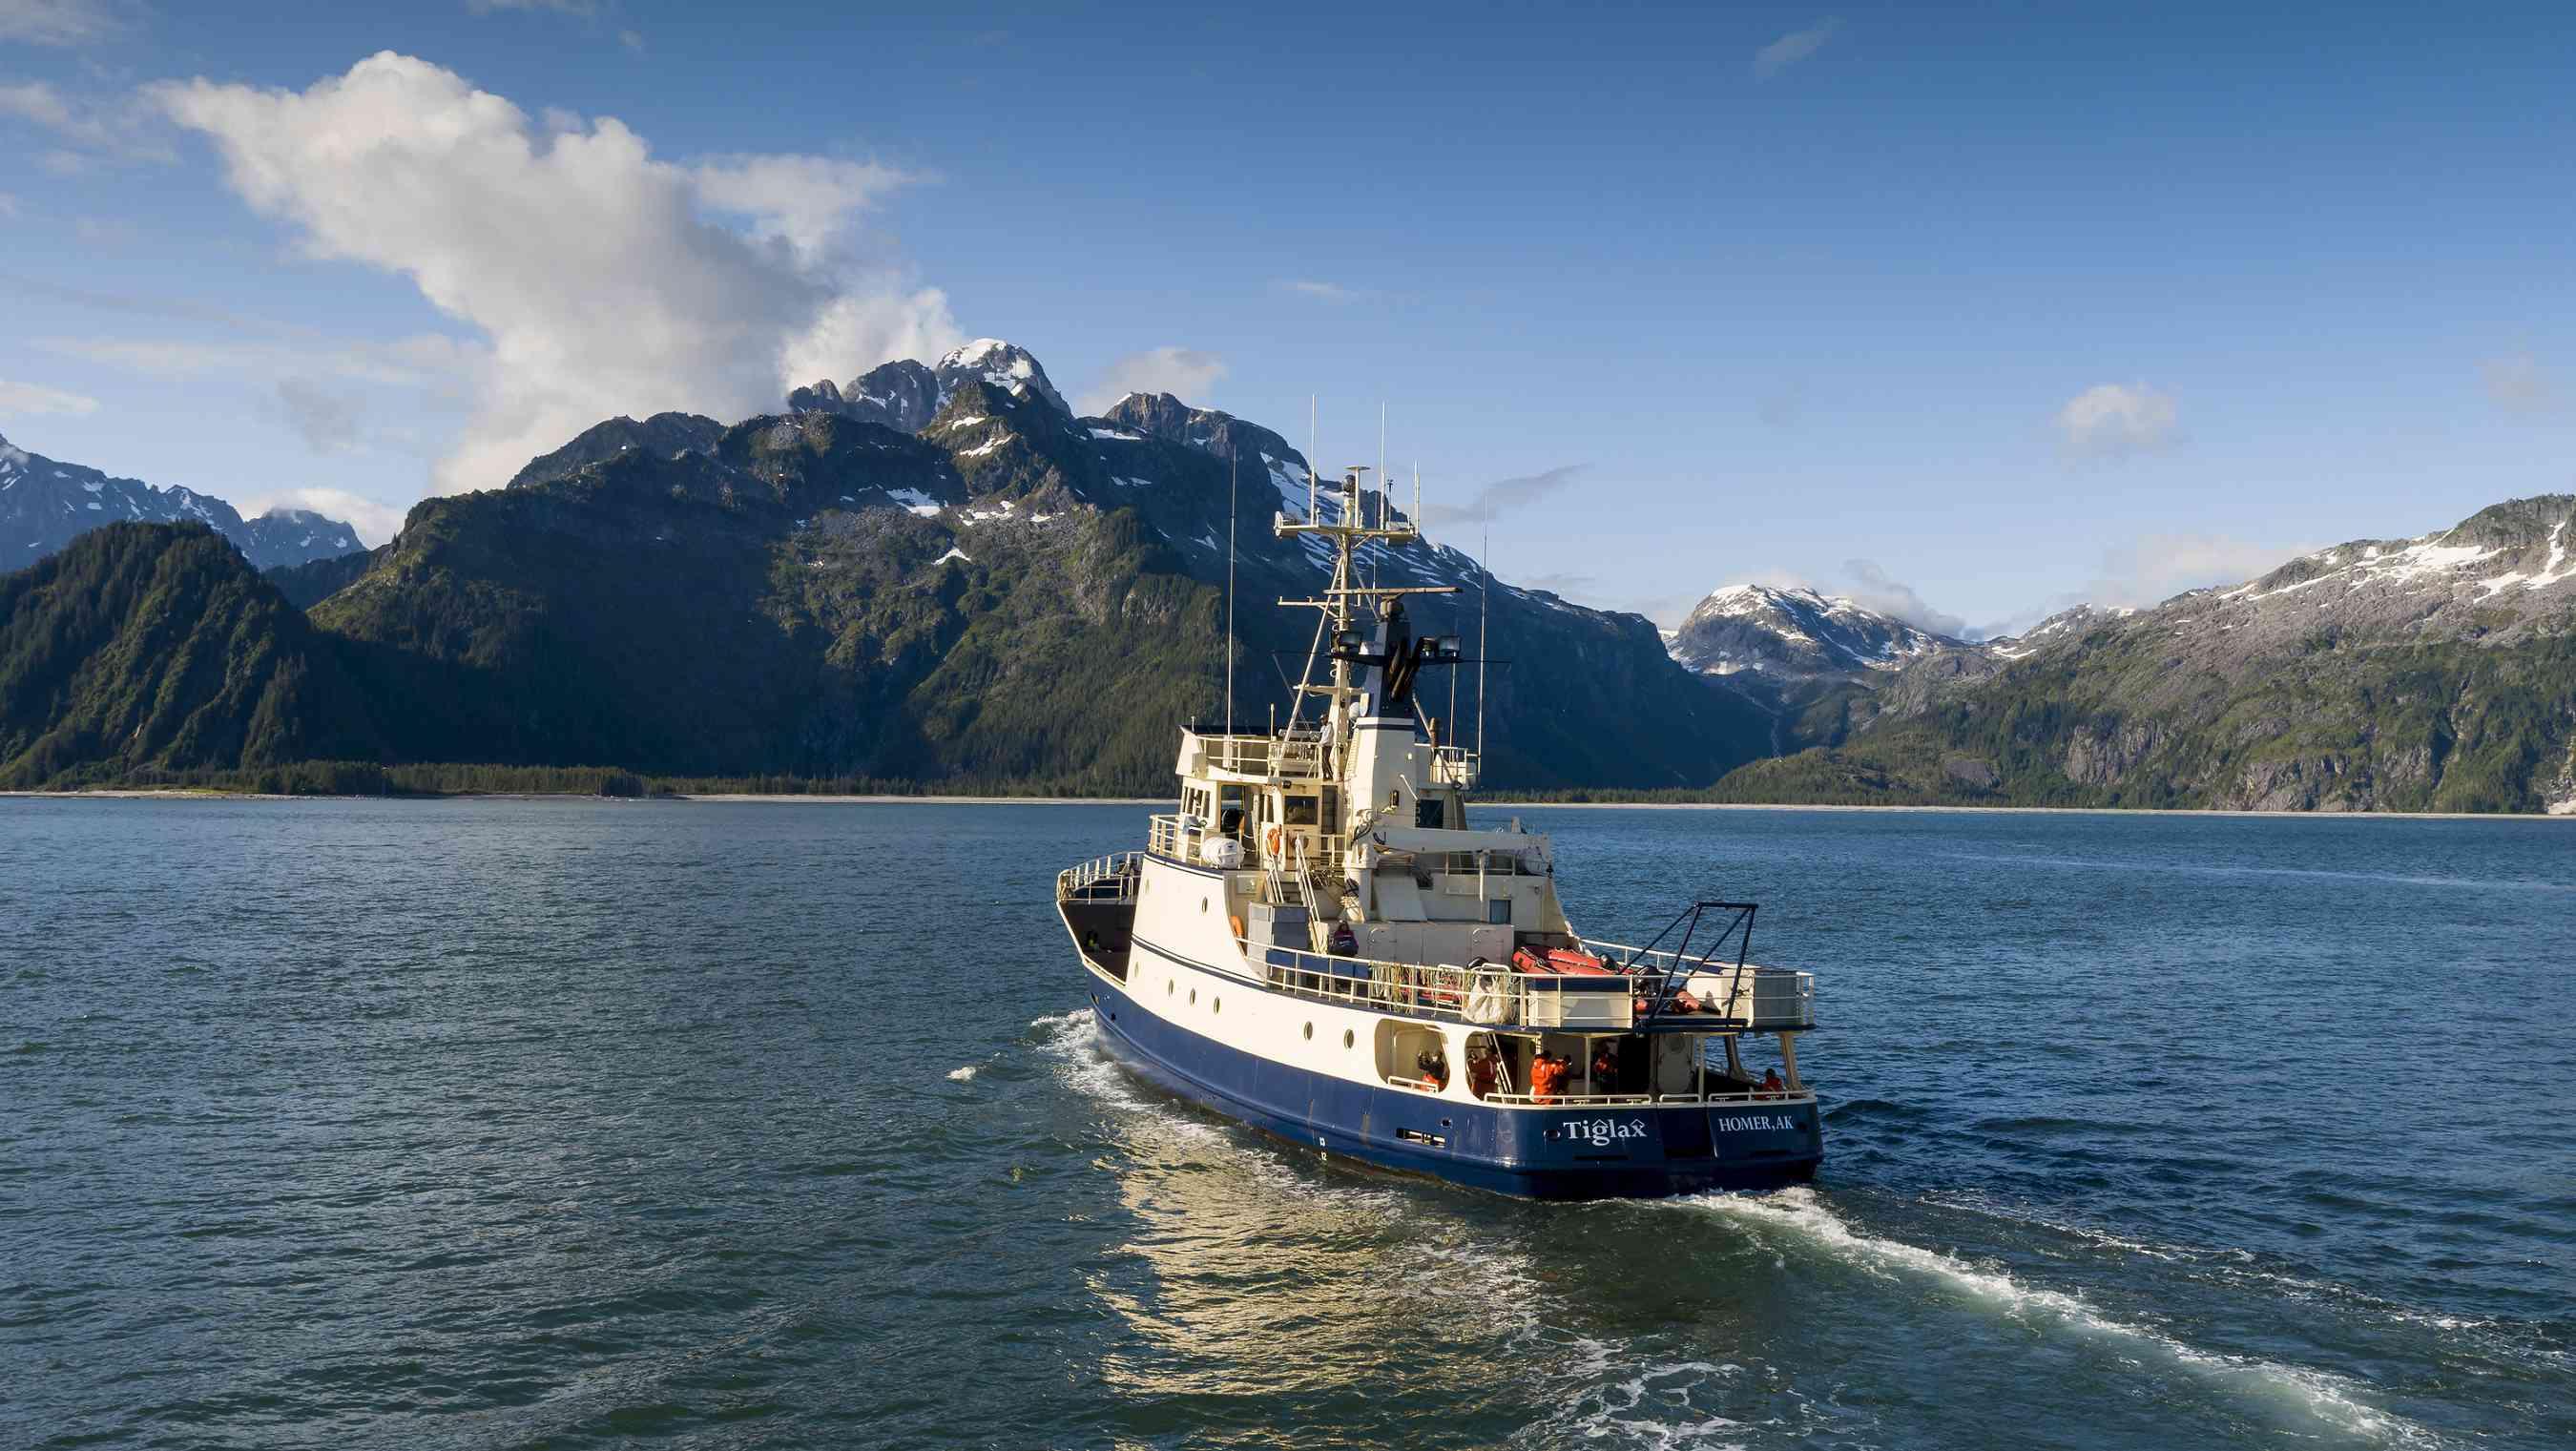 The research vessel Tiglax